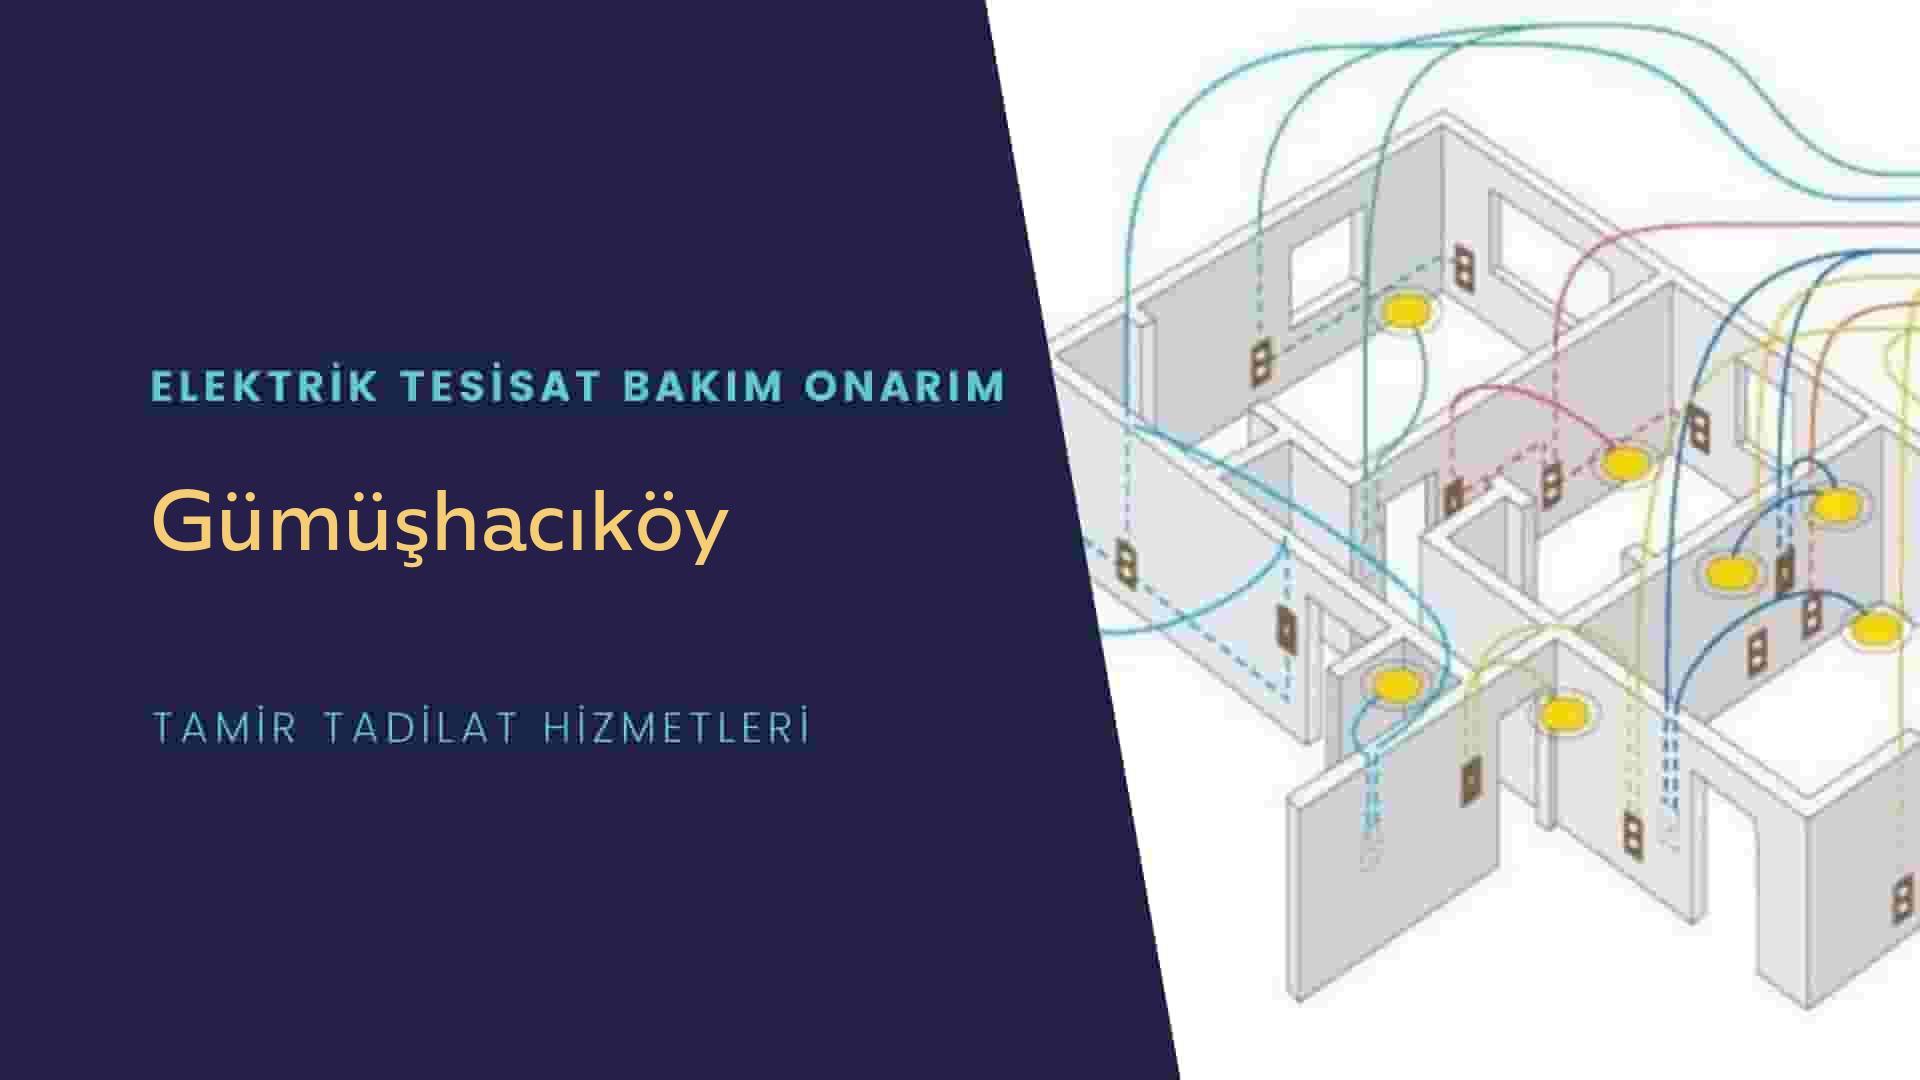 Gümüşhacıköy'de elektrik tesisatıustalarımı arıyorsunuz doğru adrestenizi Gümüşhacıköy elektrik tesisatı ustalarımız 7/24 sizlere hizmet vermekten mutluluk duyar.